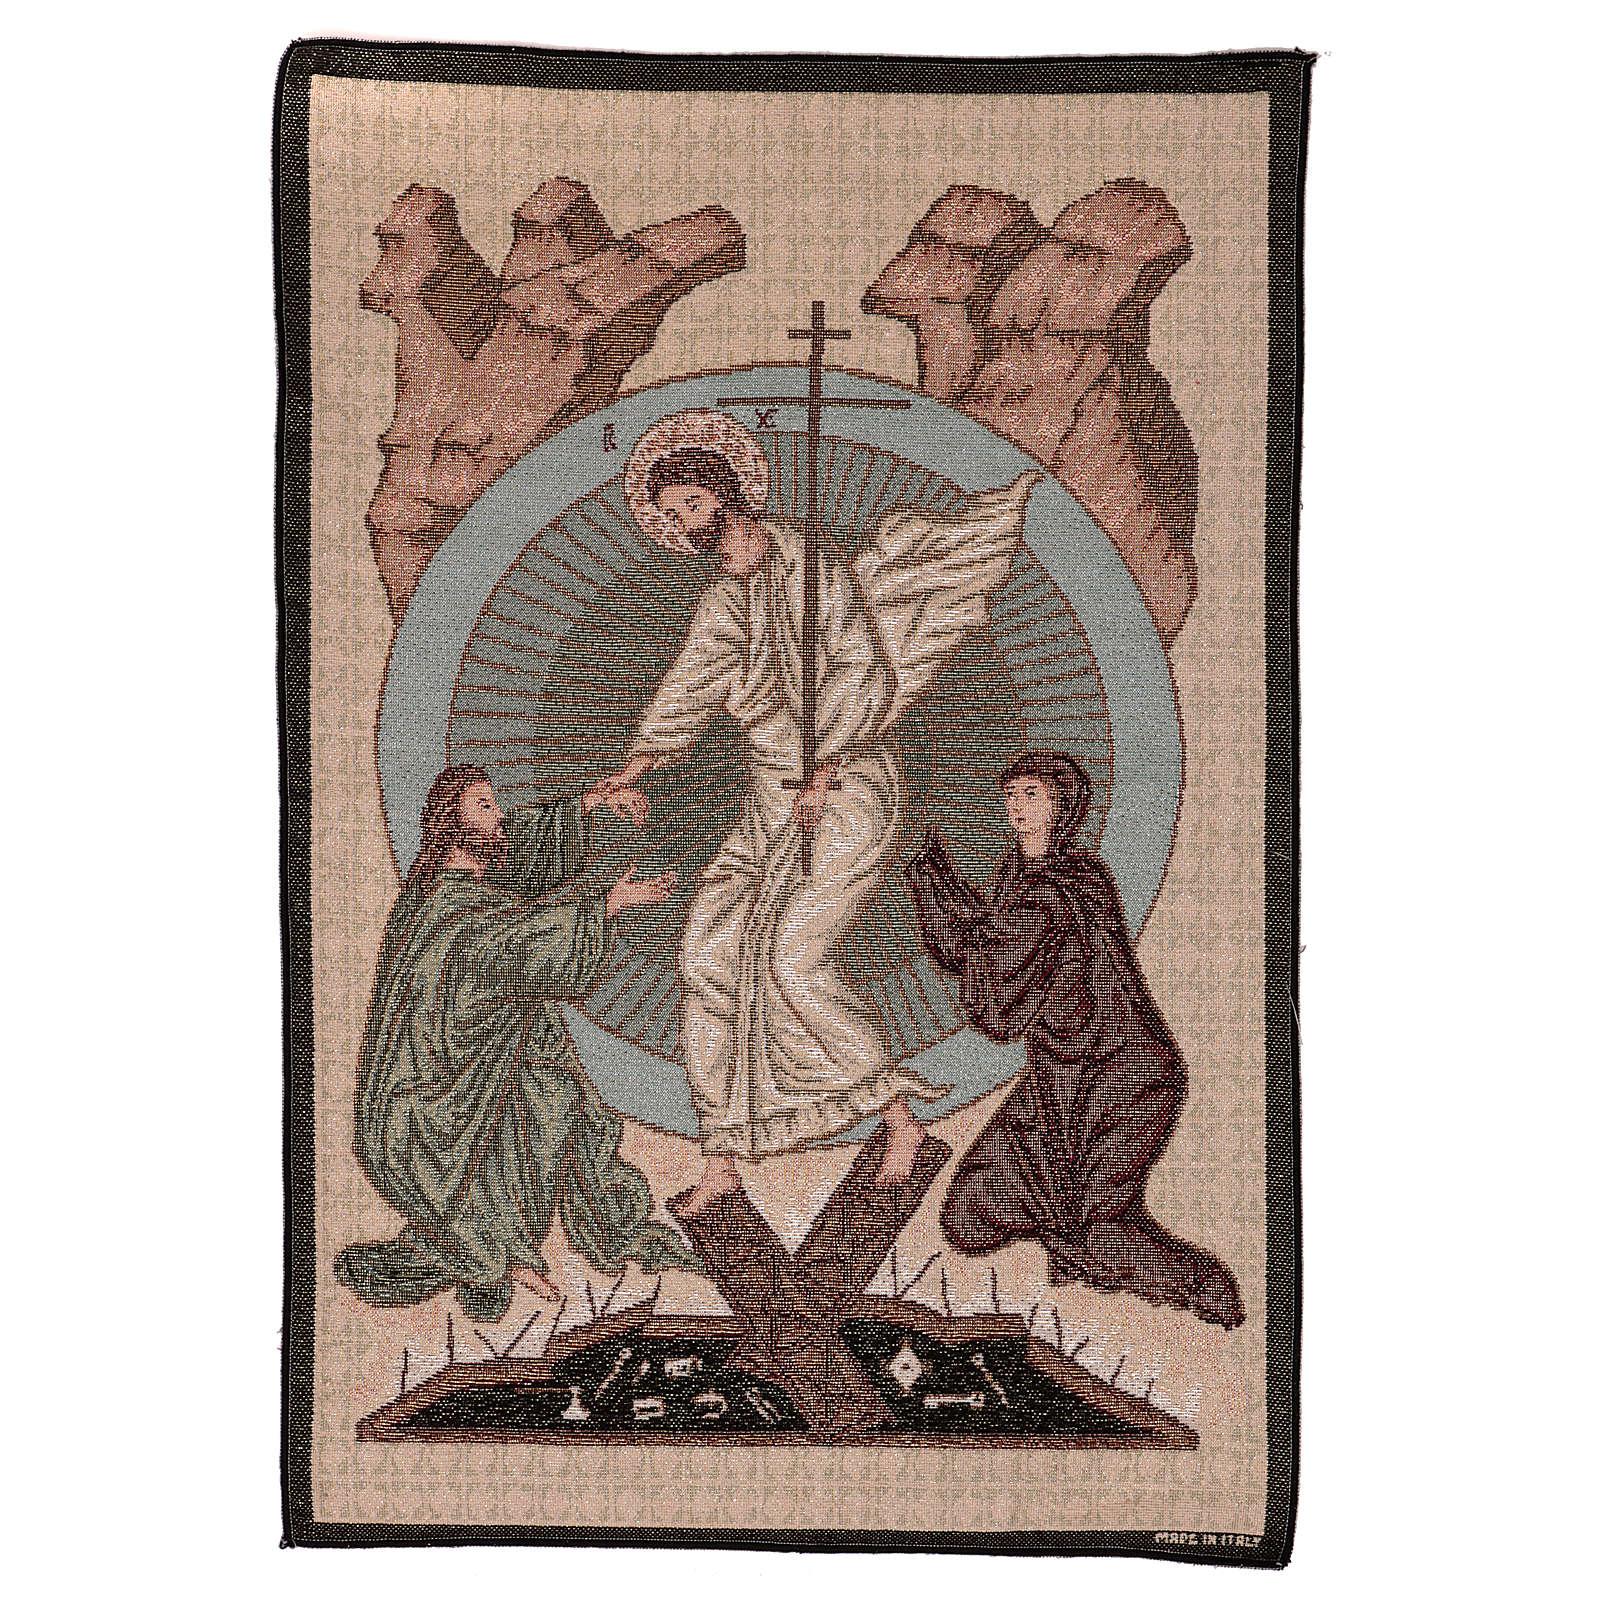 Wandteppich Auferstehung im byzantinischen Stil 55x40 cm 3